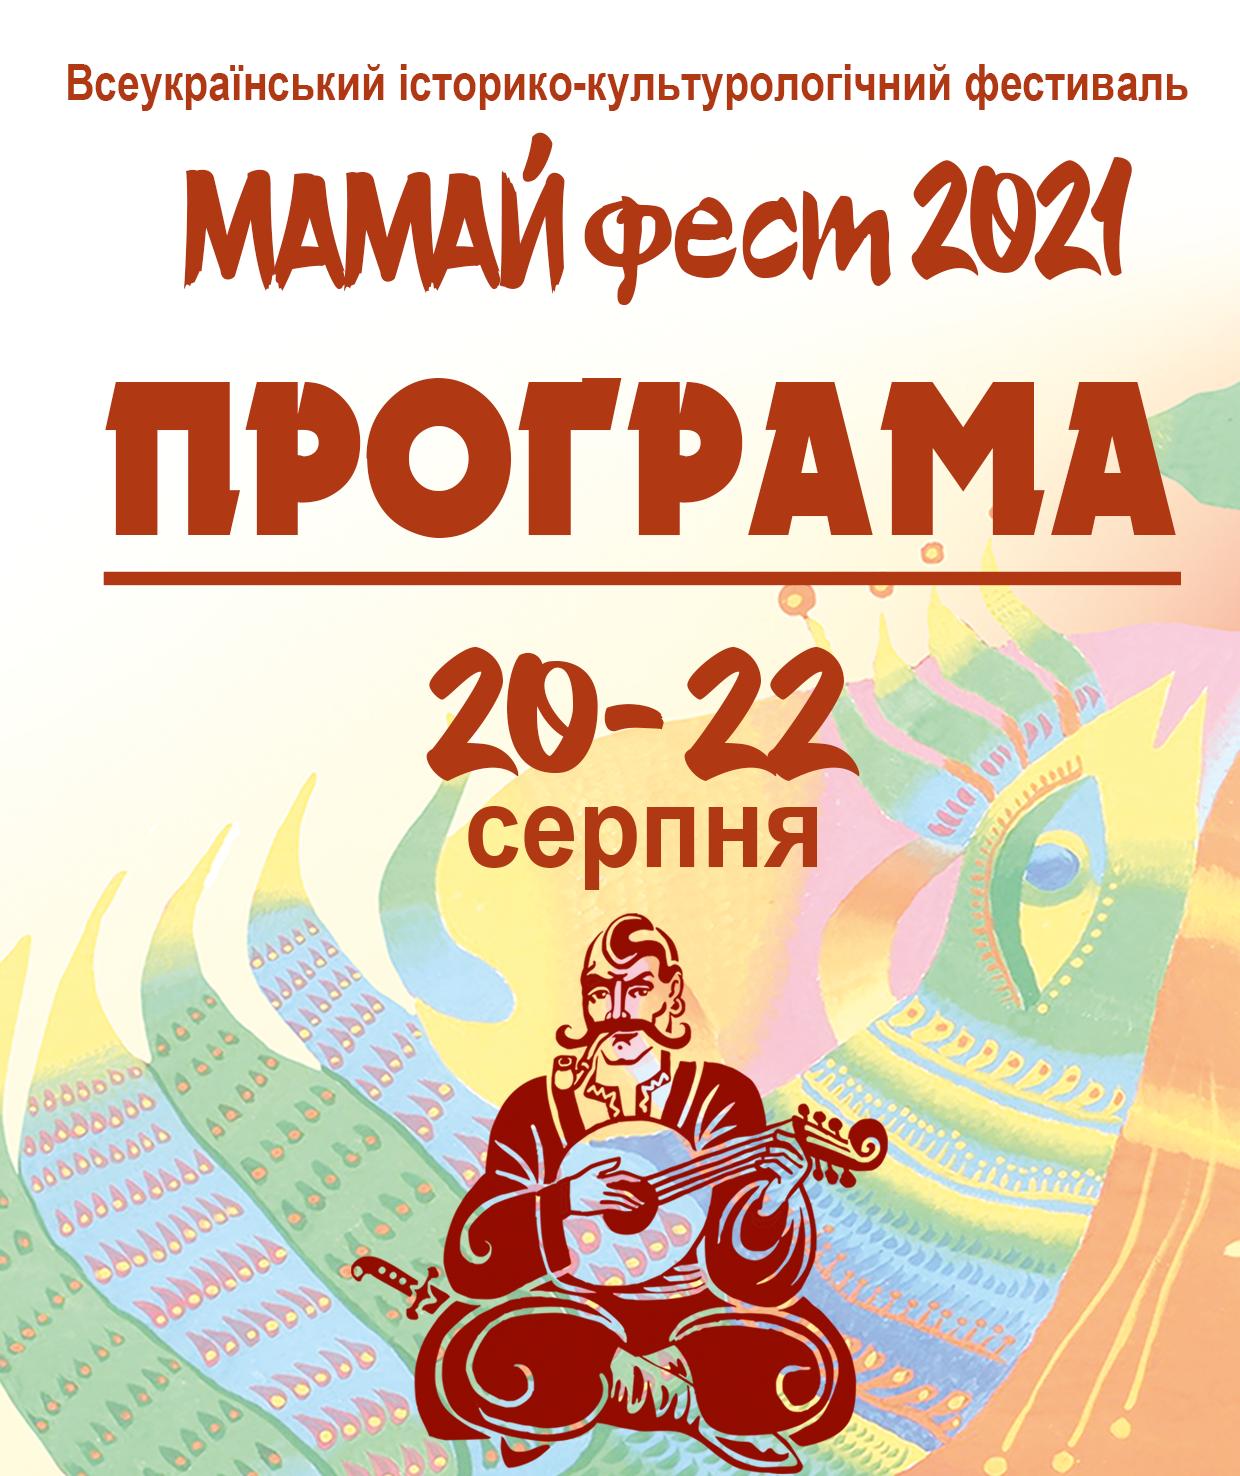 Програма  всеукраїнського історико-культурологічного фестивалю МАМАЙ-фест 2021